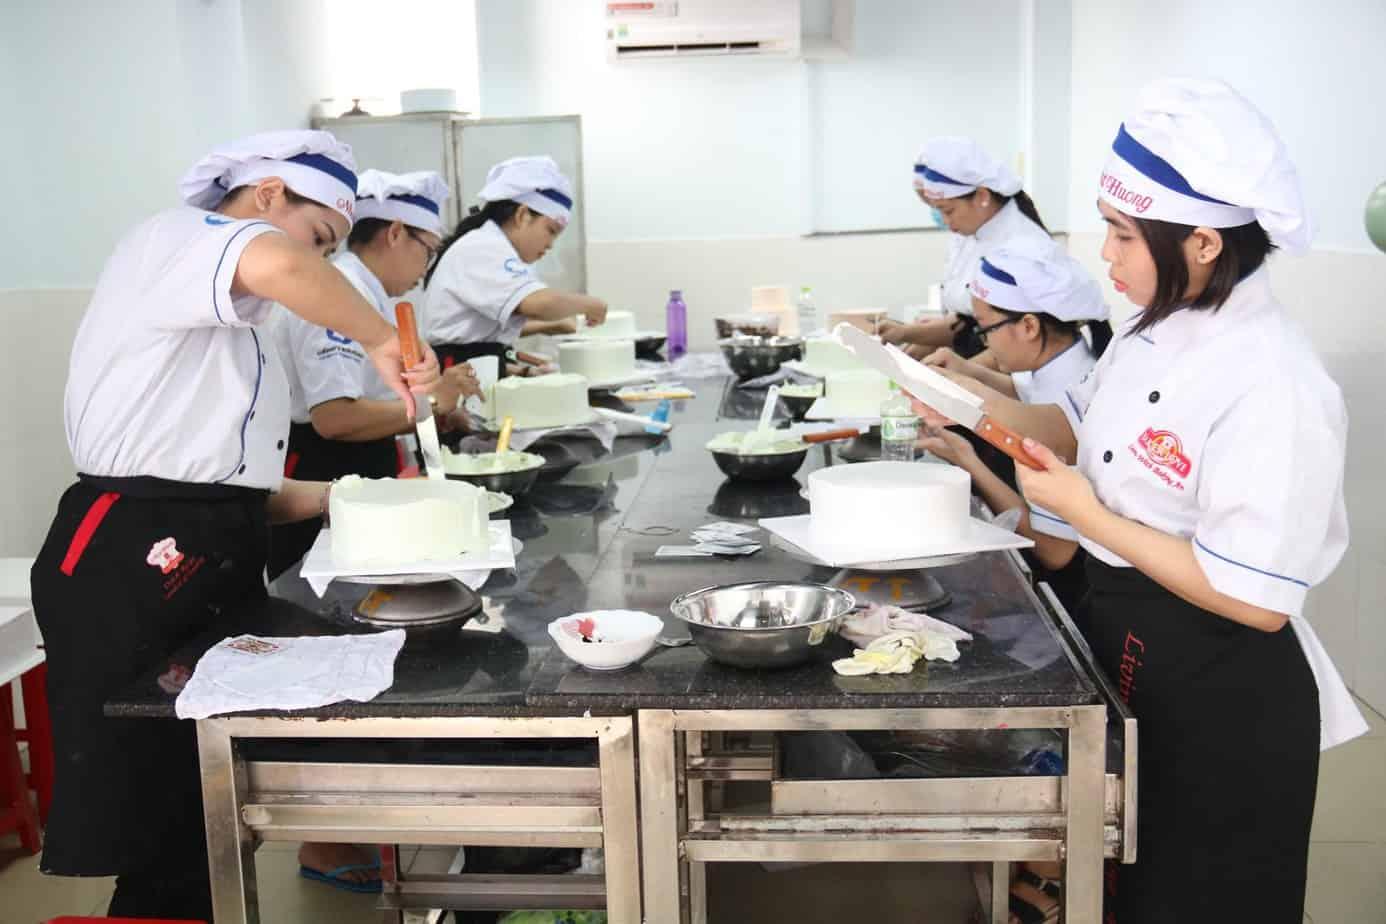 Top 8 Địa Chỉ Dạy Làm Bánh Kem Chất Lượng Tại Tp Hồ Chí Minh - địa chỉ dạy làm bánh kem chất lượng - Cà phê – tiệm bánh Flour No.8   Hướng Nghiệp Á Âu   Thành Phố Hồ Chí Minh - Sài Gòn 21